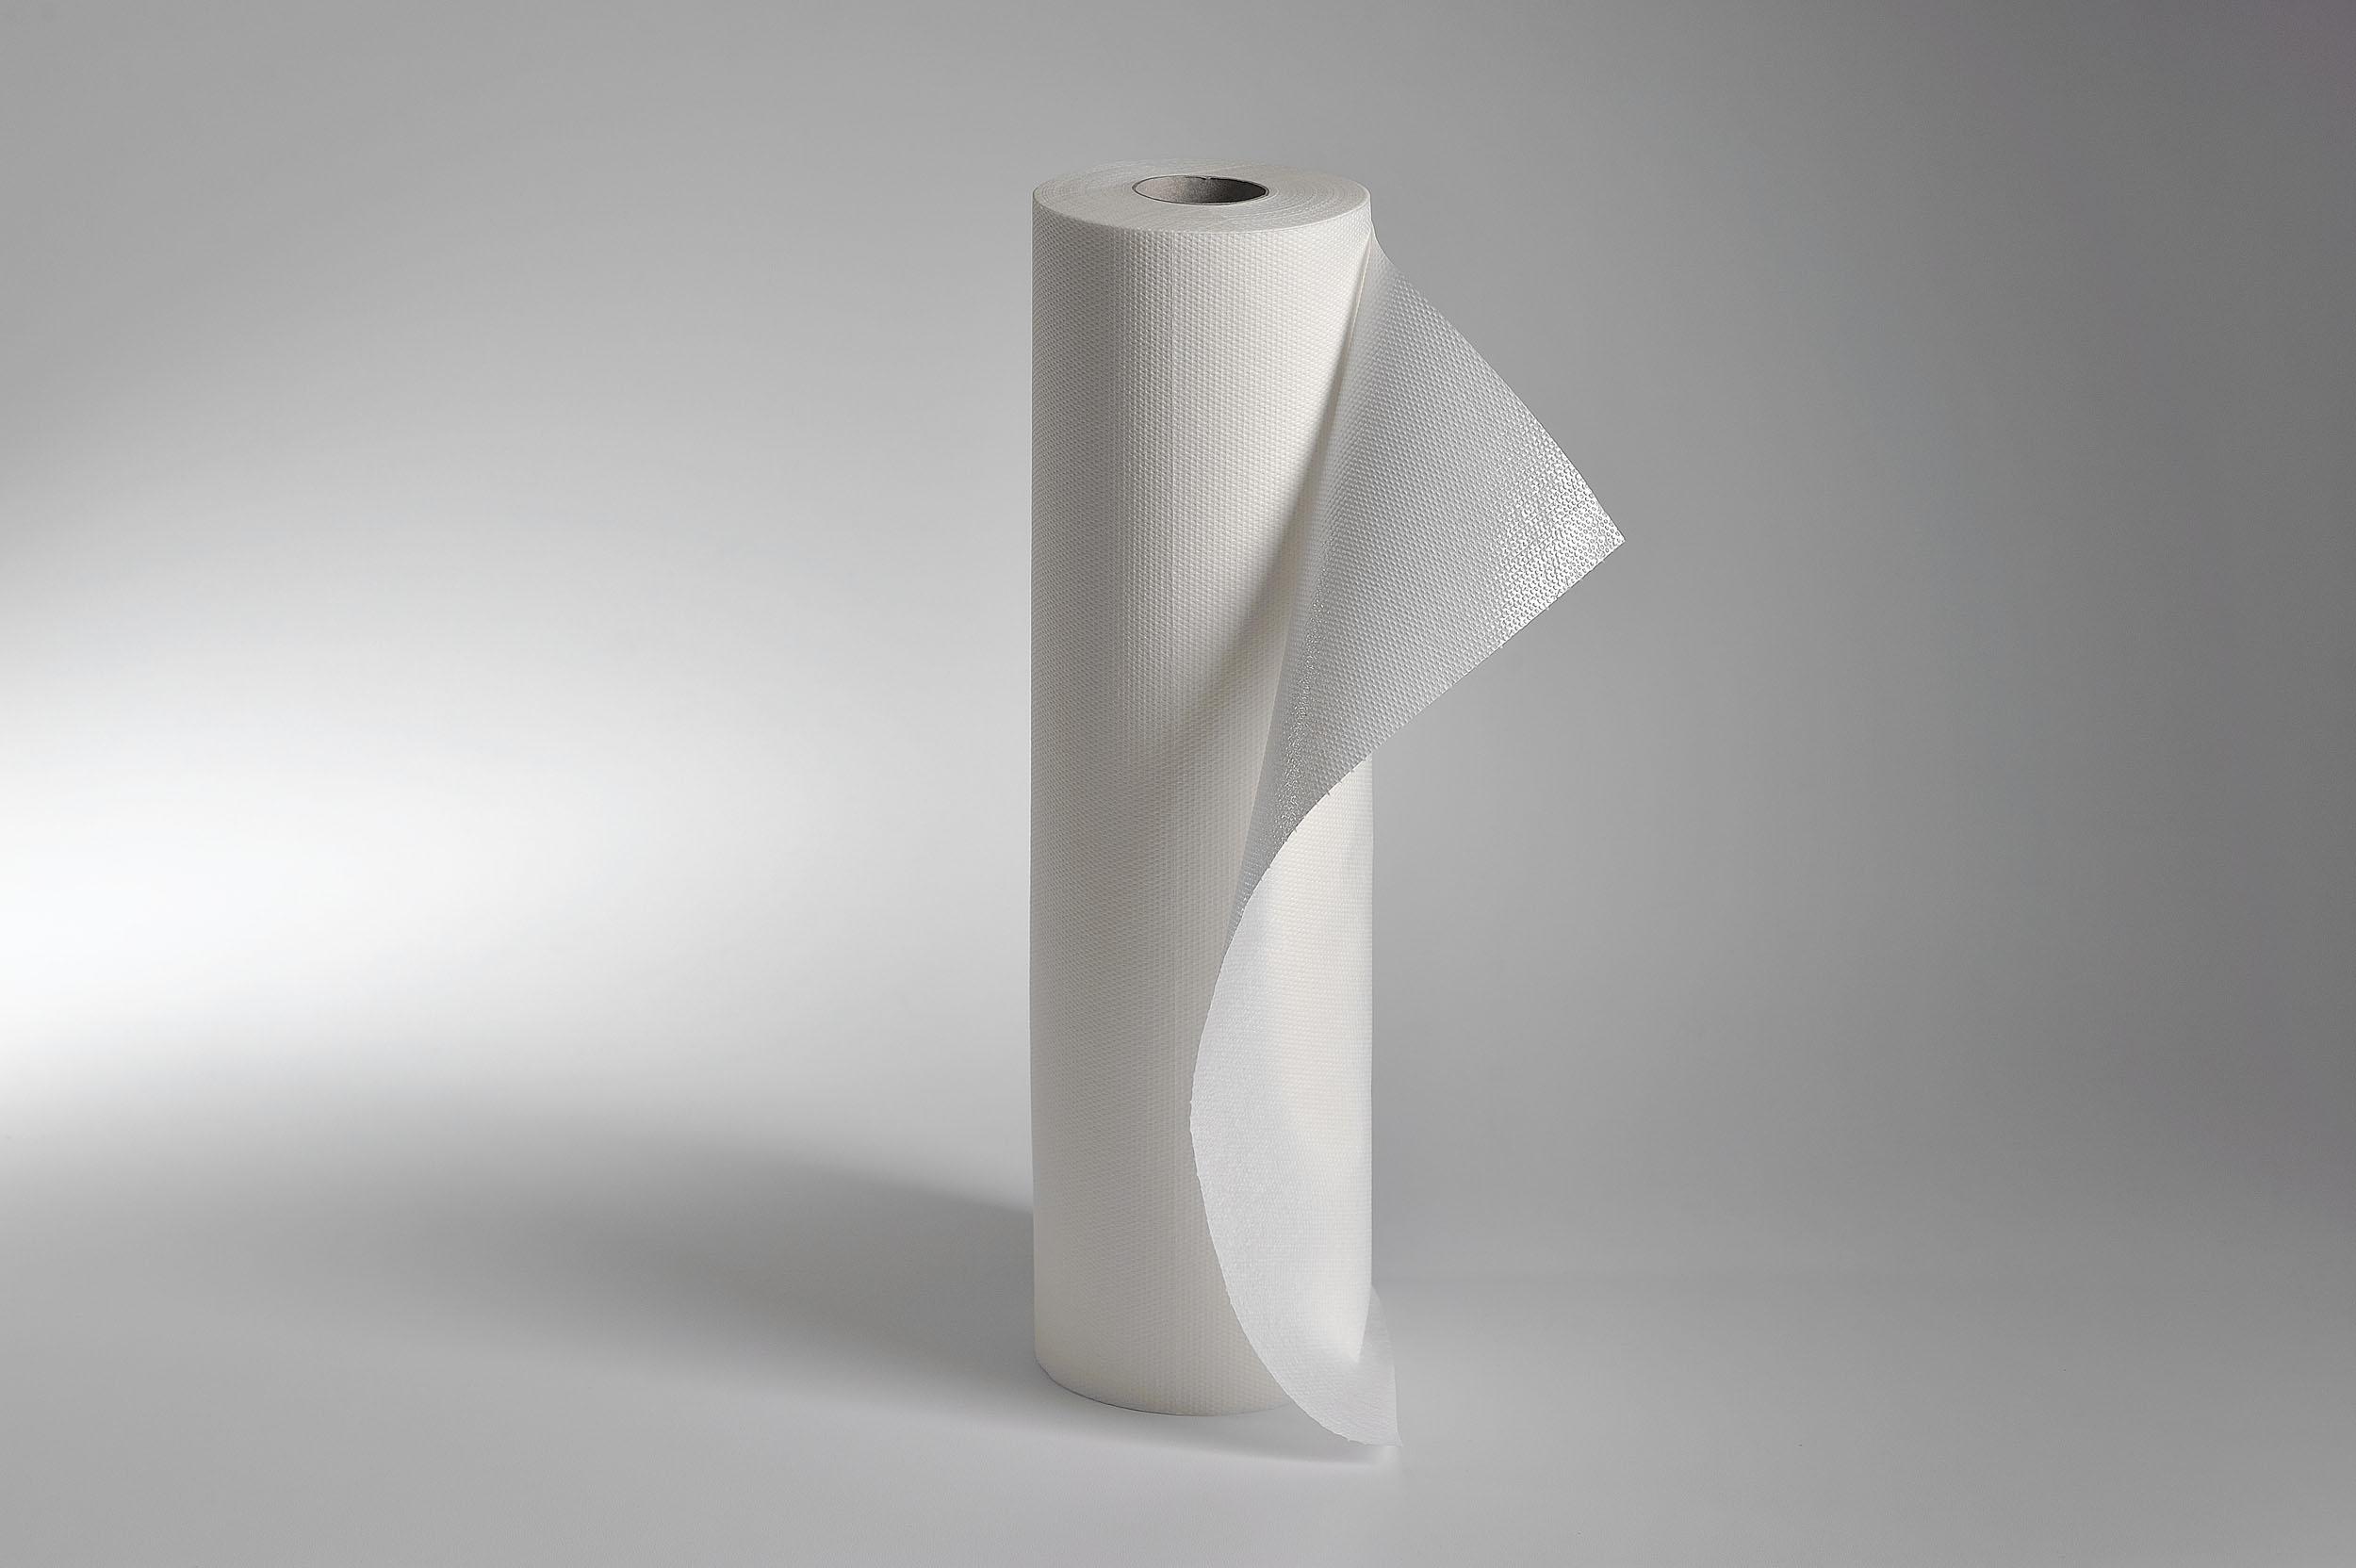 Fripa-Ärztekrepp secura-line, 2-lagig 55 cm x 50 m (6 Rl.), hochweiß, PE-beschichtet